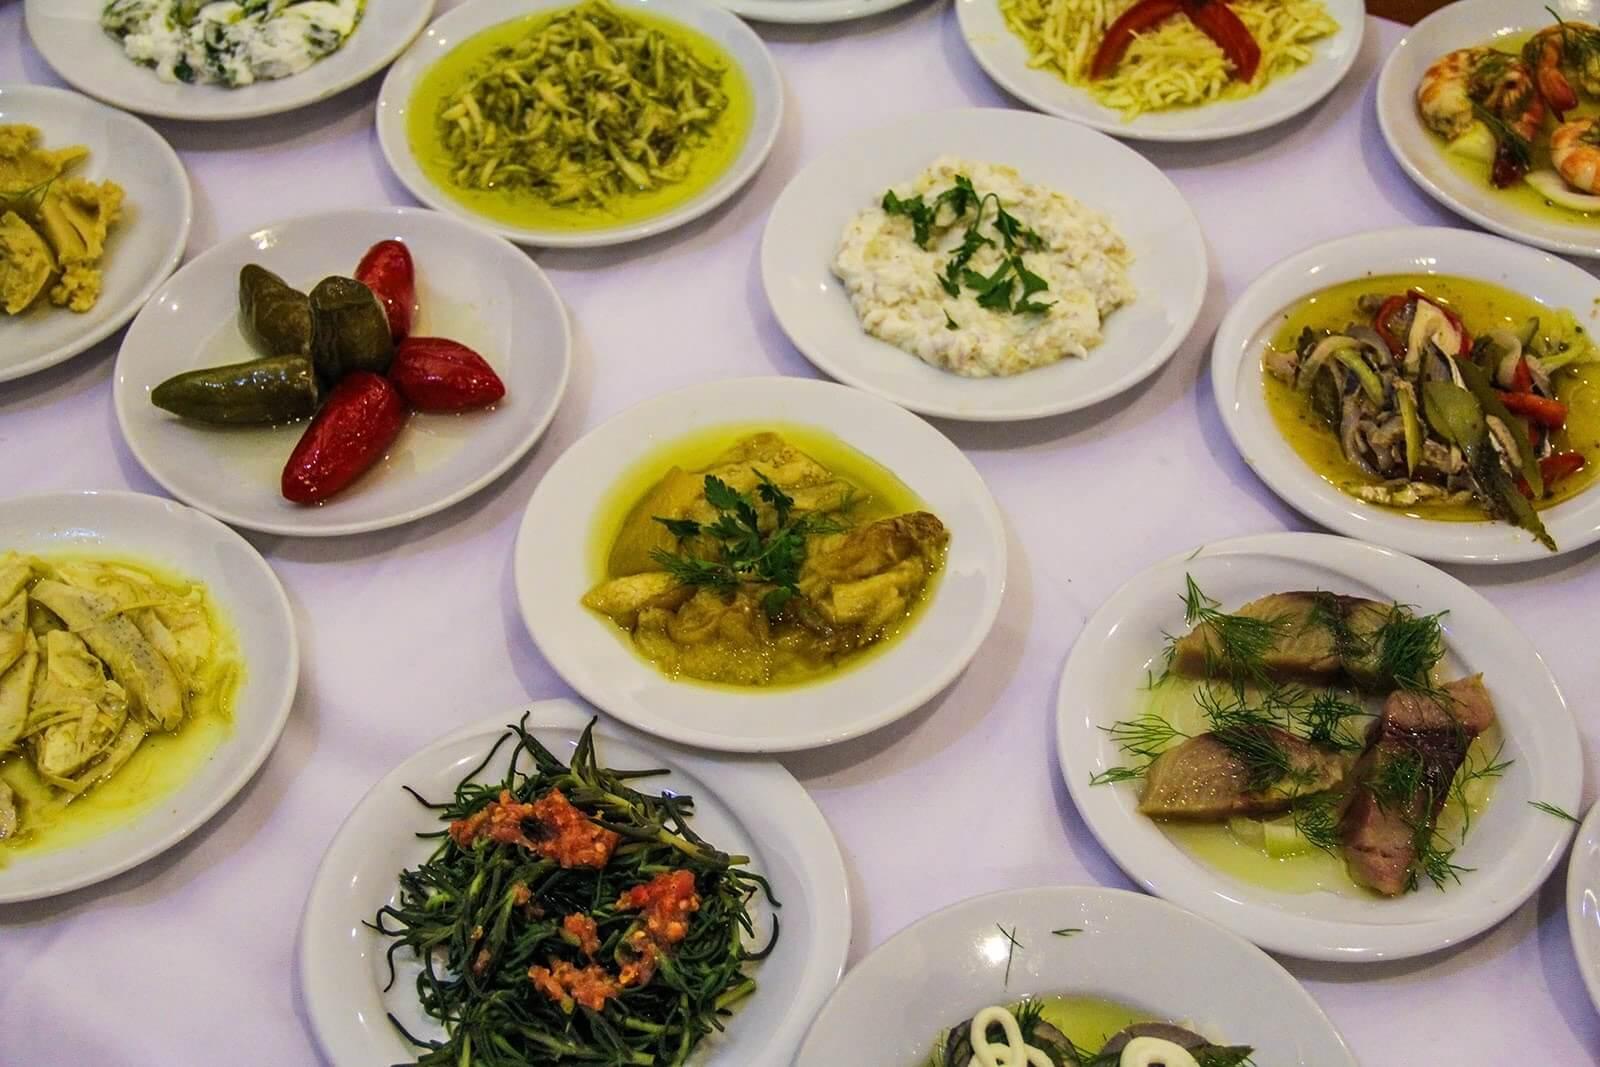 Ayvalık Yemek Kültürü